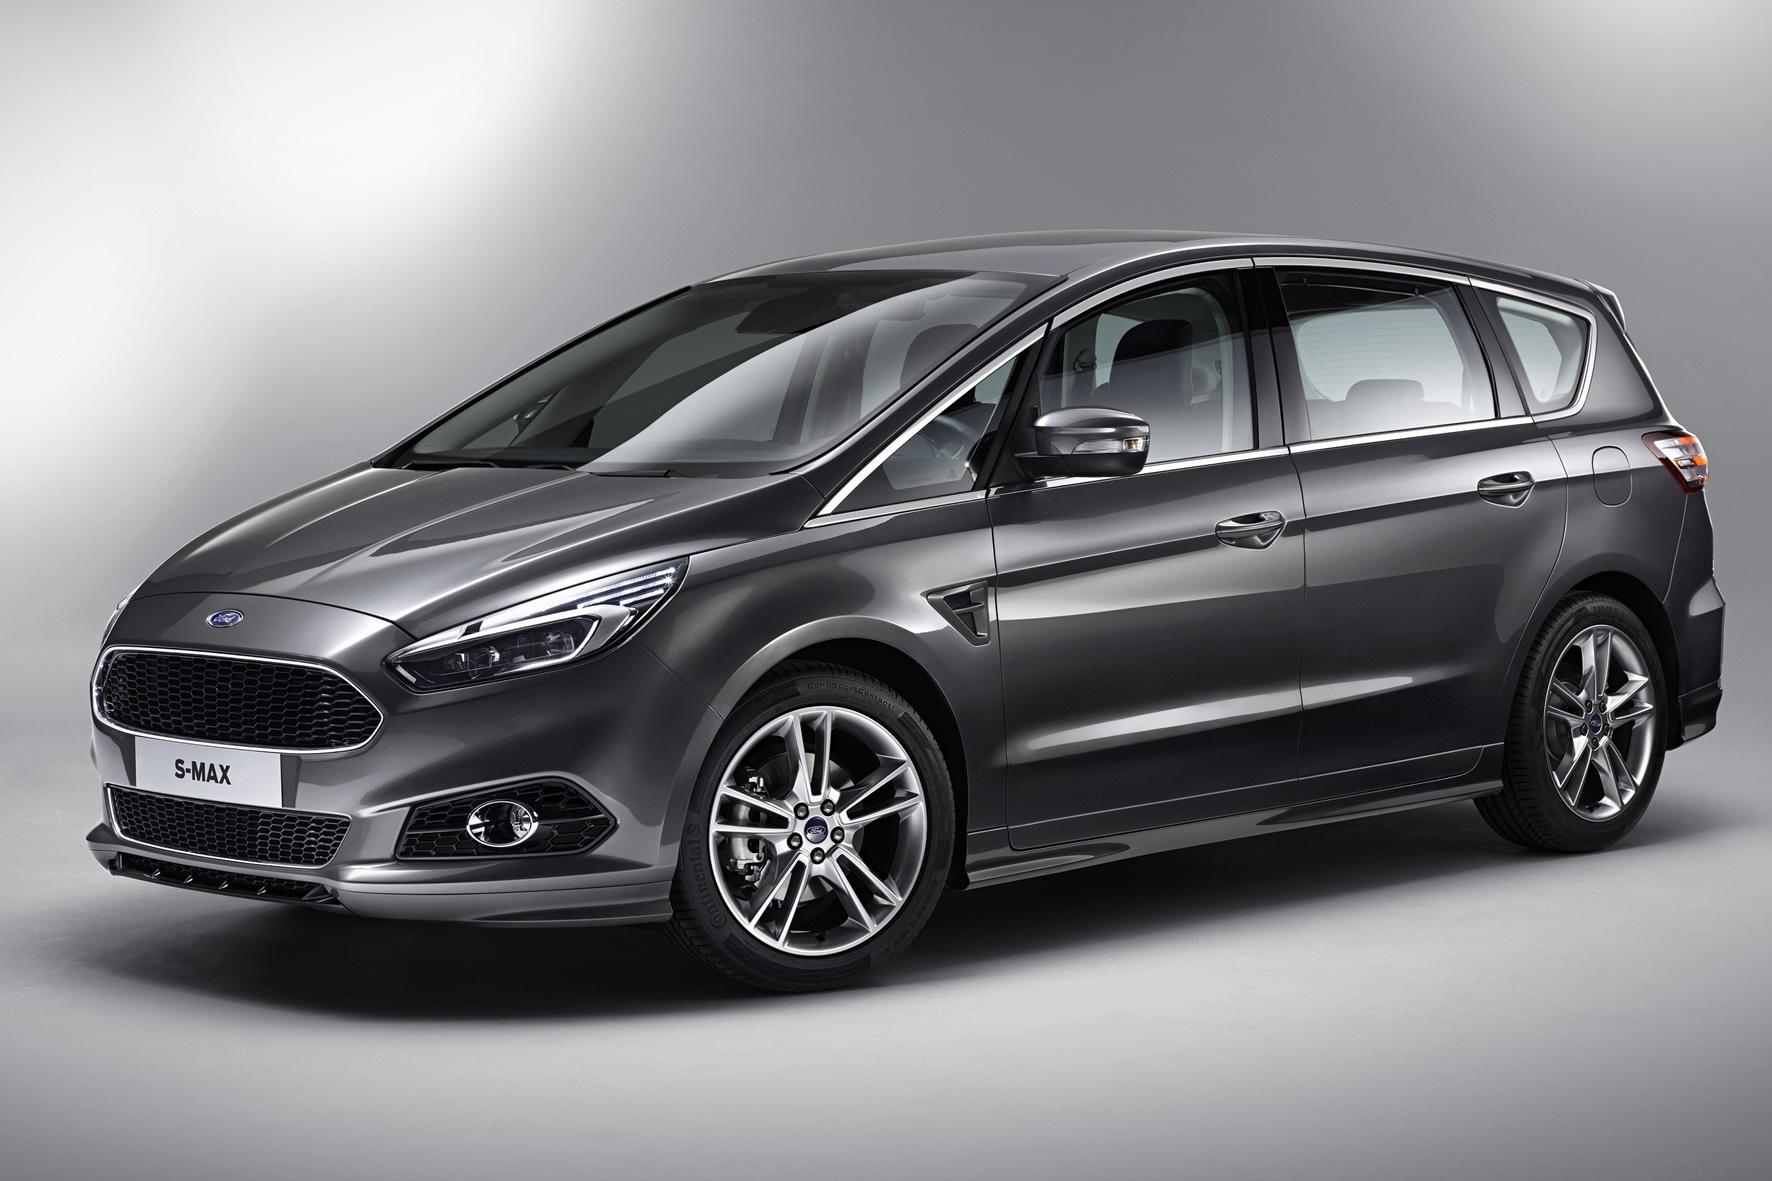 Erste Fahrt im Ford S-Max: Dynamisch und mit viel Platz